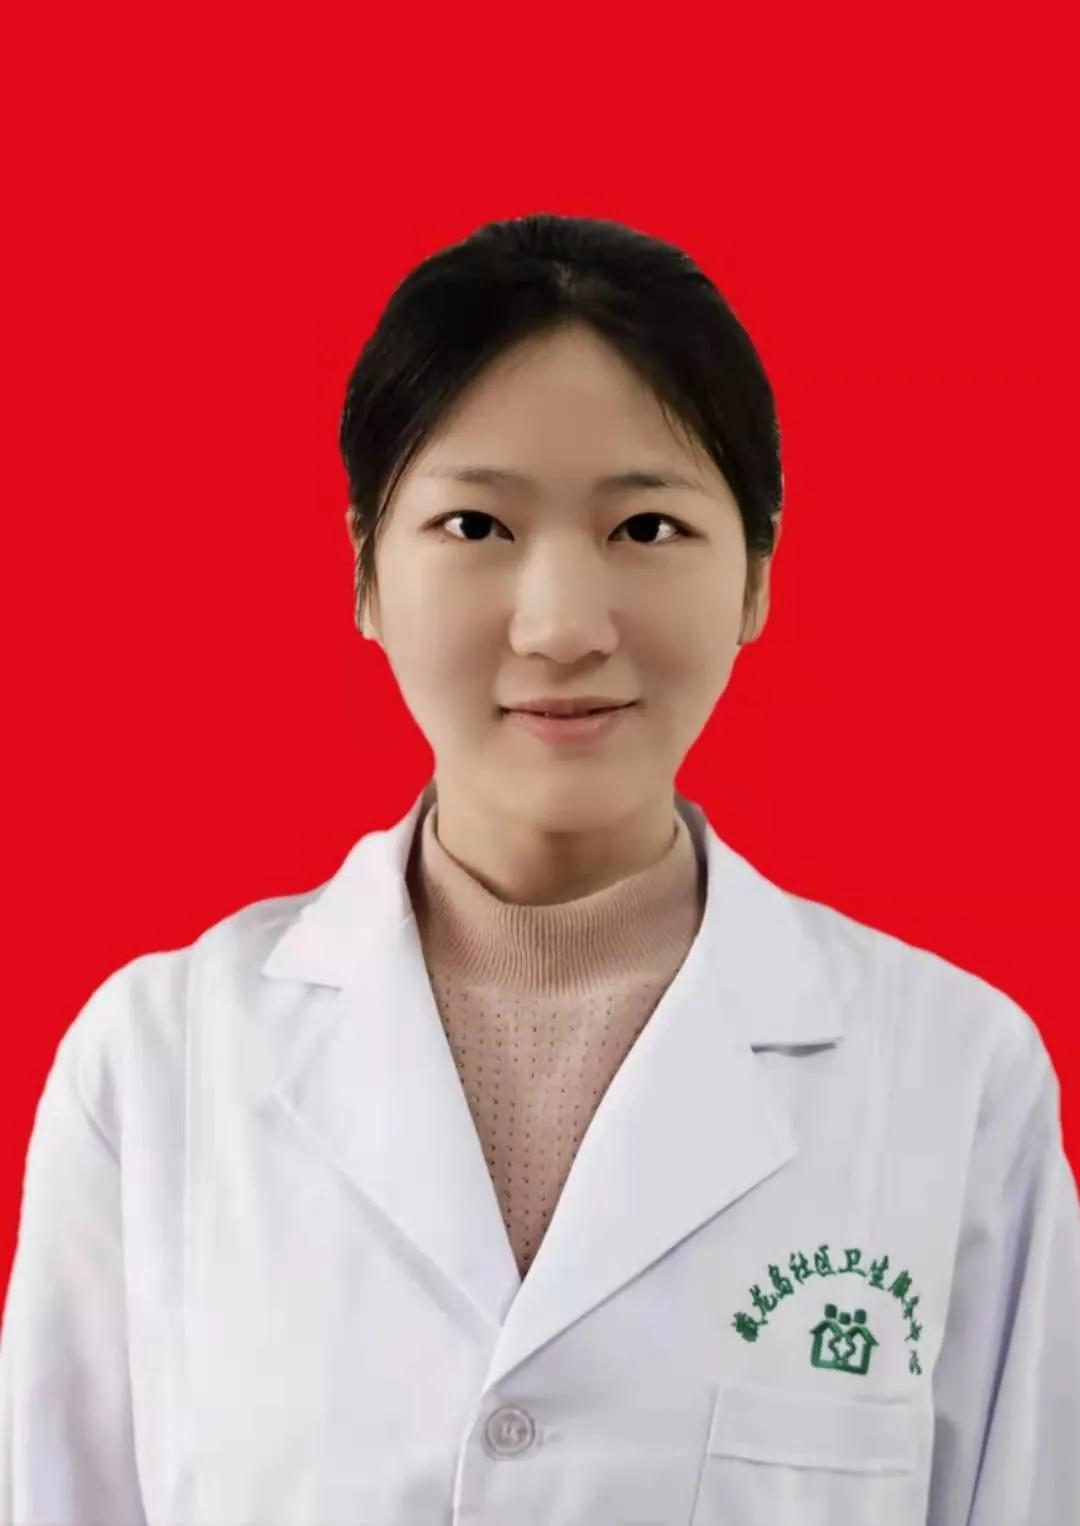 武汉4人入选!第八届湖北省道德模范候选人公示插图(2)